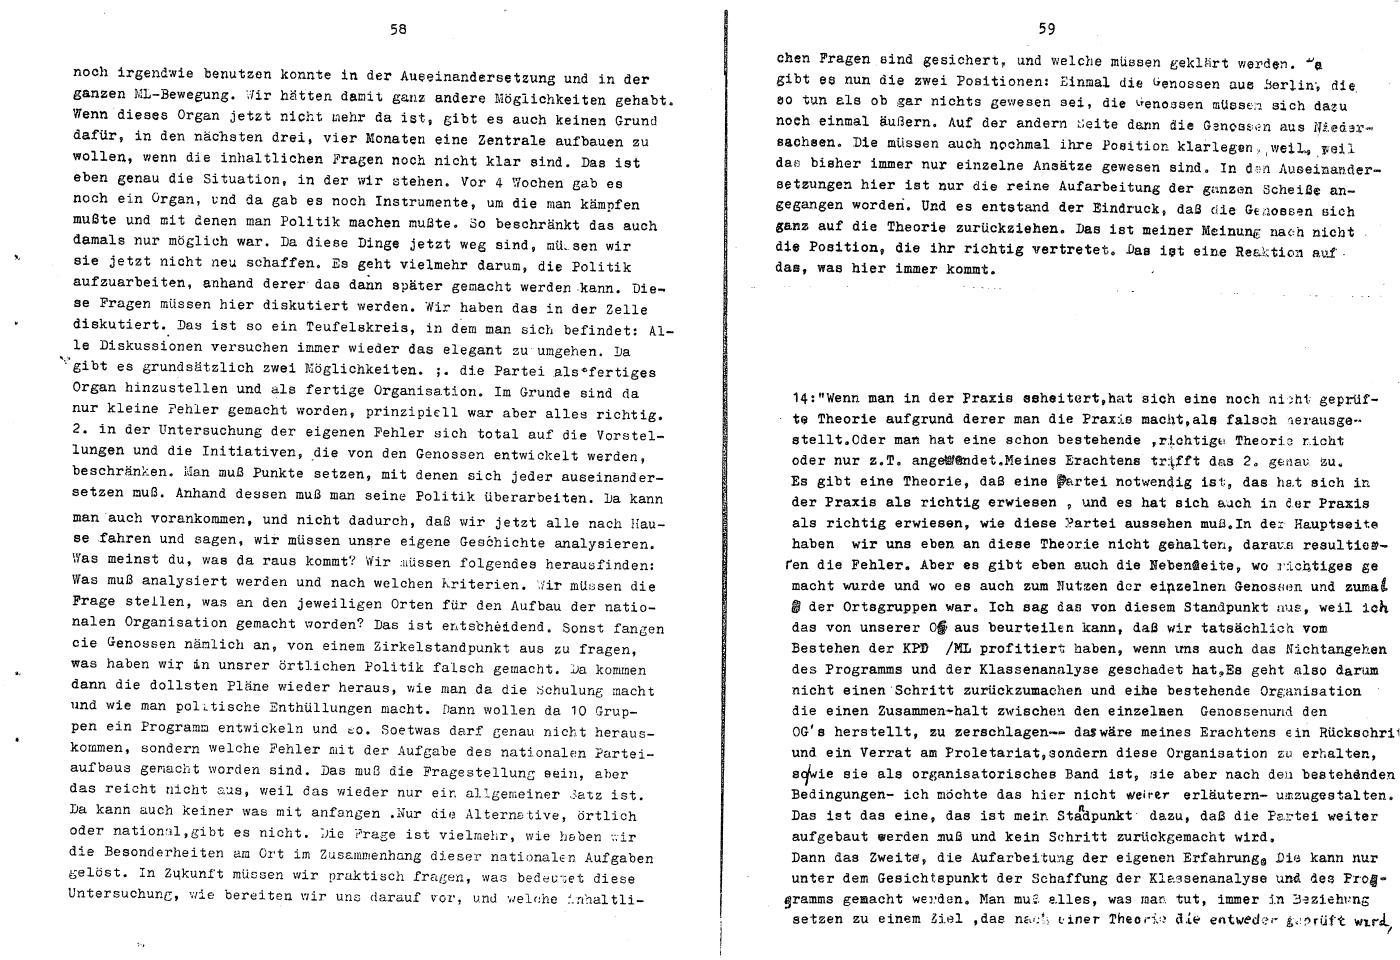 KPDML_1971_Wortprotokolle_aoPt_018